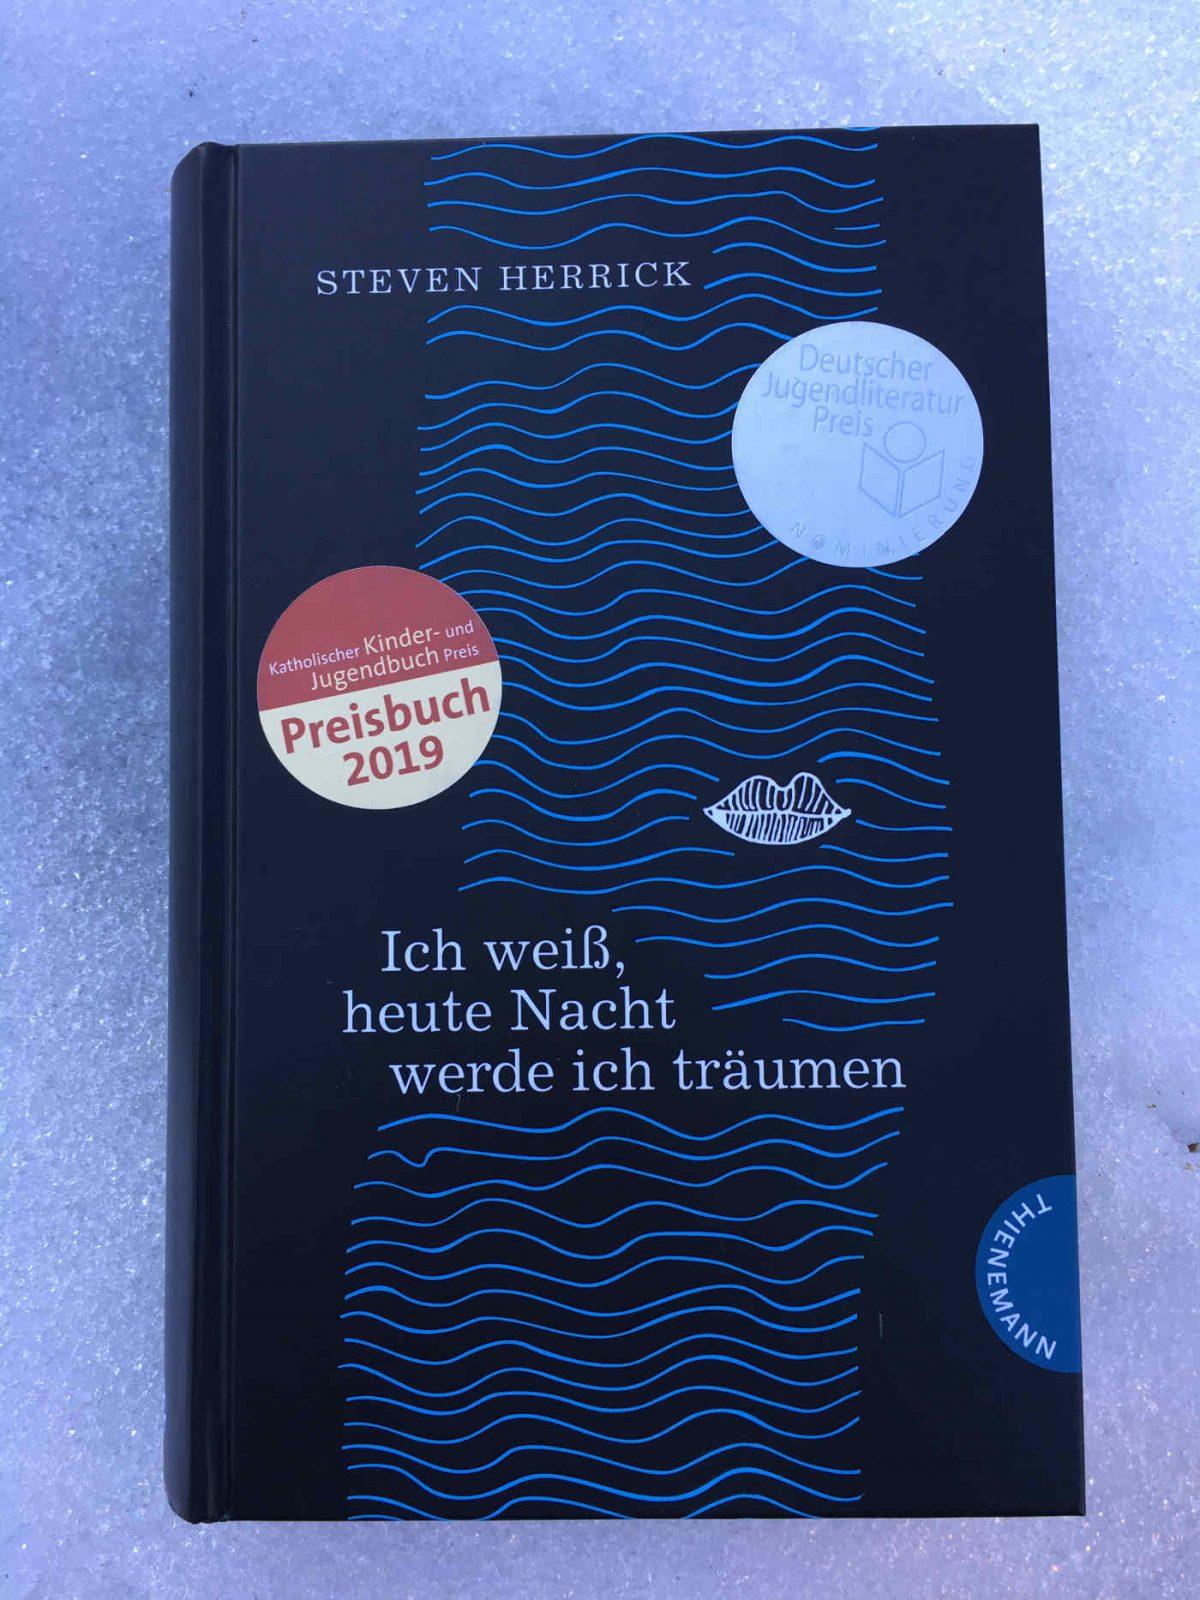 Steven Herrick: Ich weiß, heute Nacht werde ich träumen